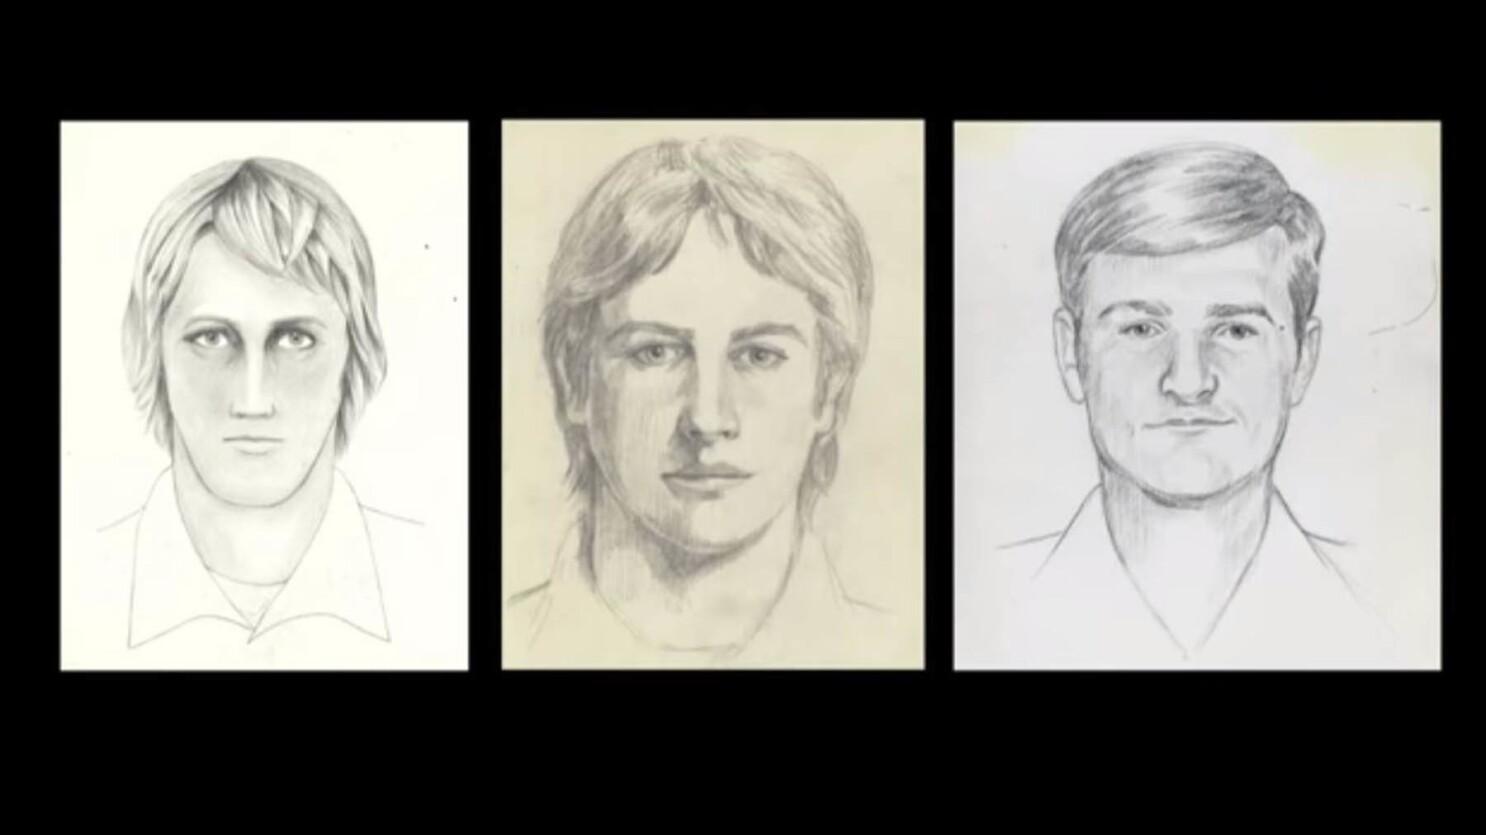 Long, tortured hunt for Golden State Killer leads to arrest